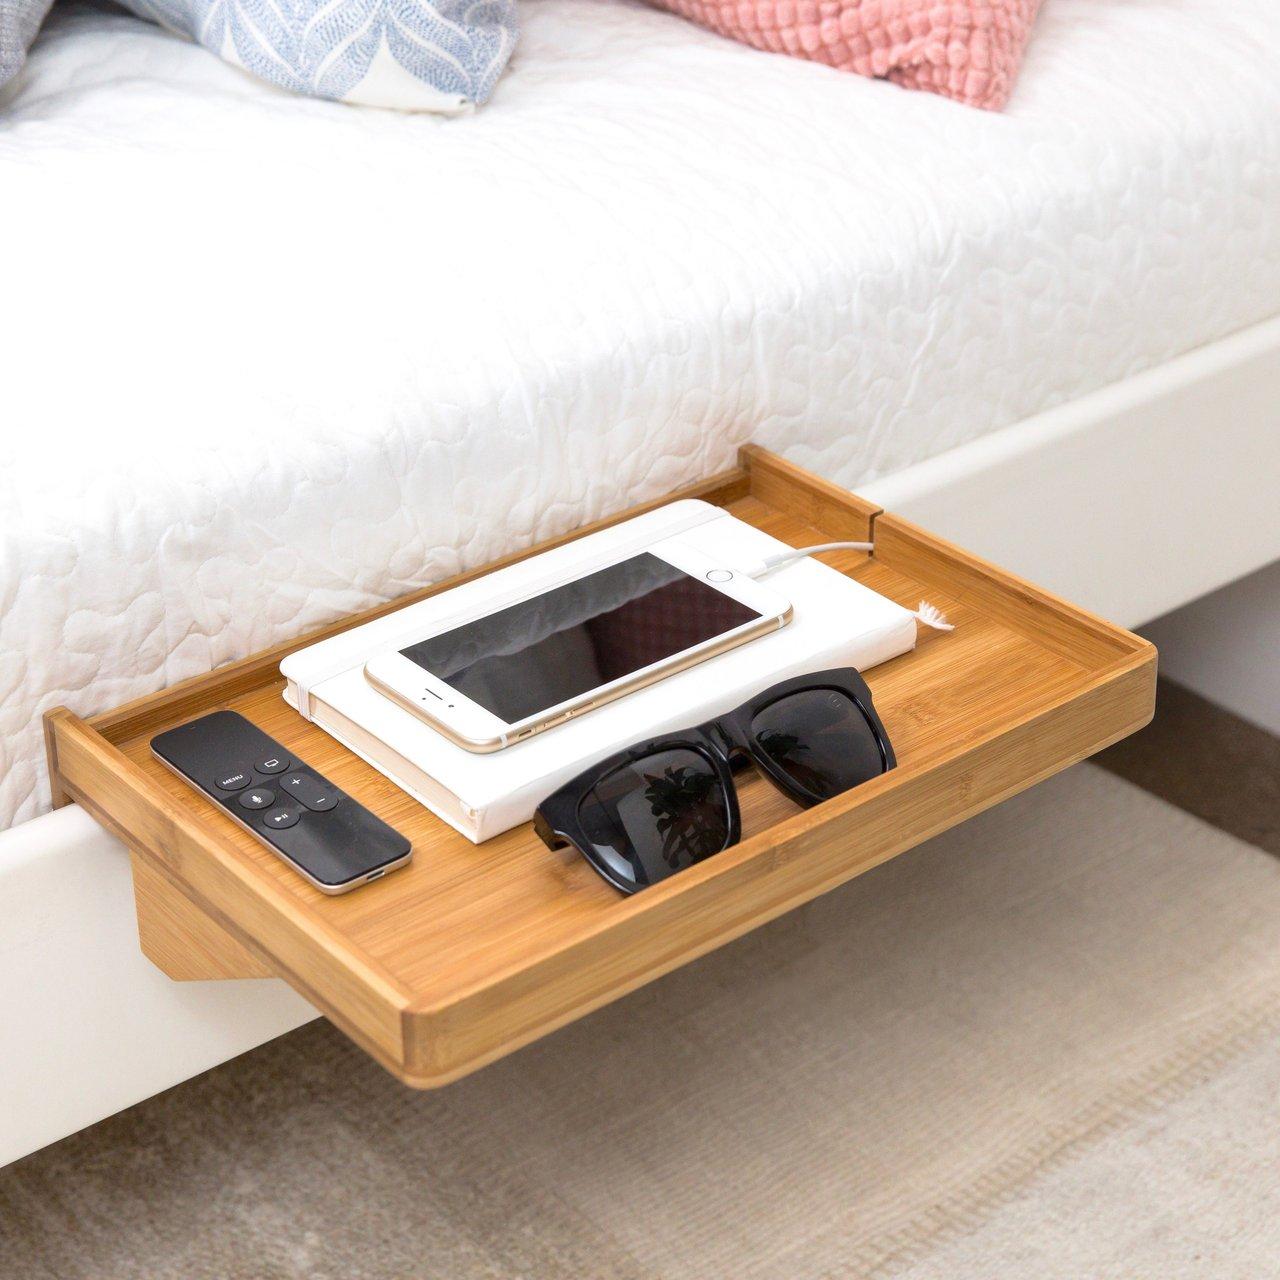 BedShelfie Minimalist Nightstand